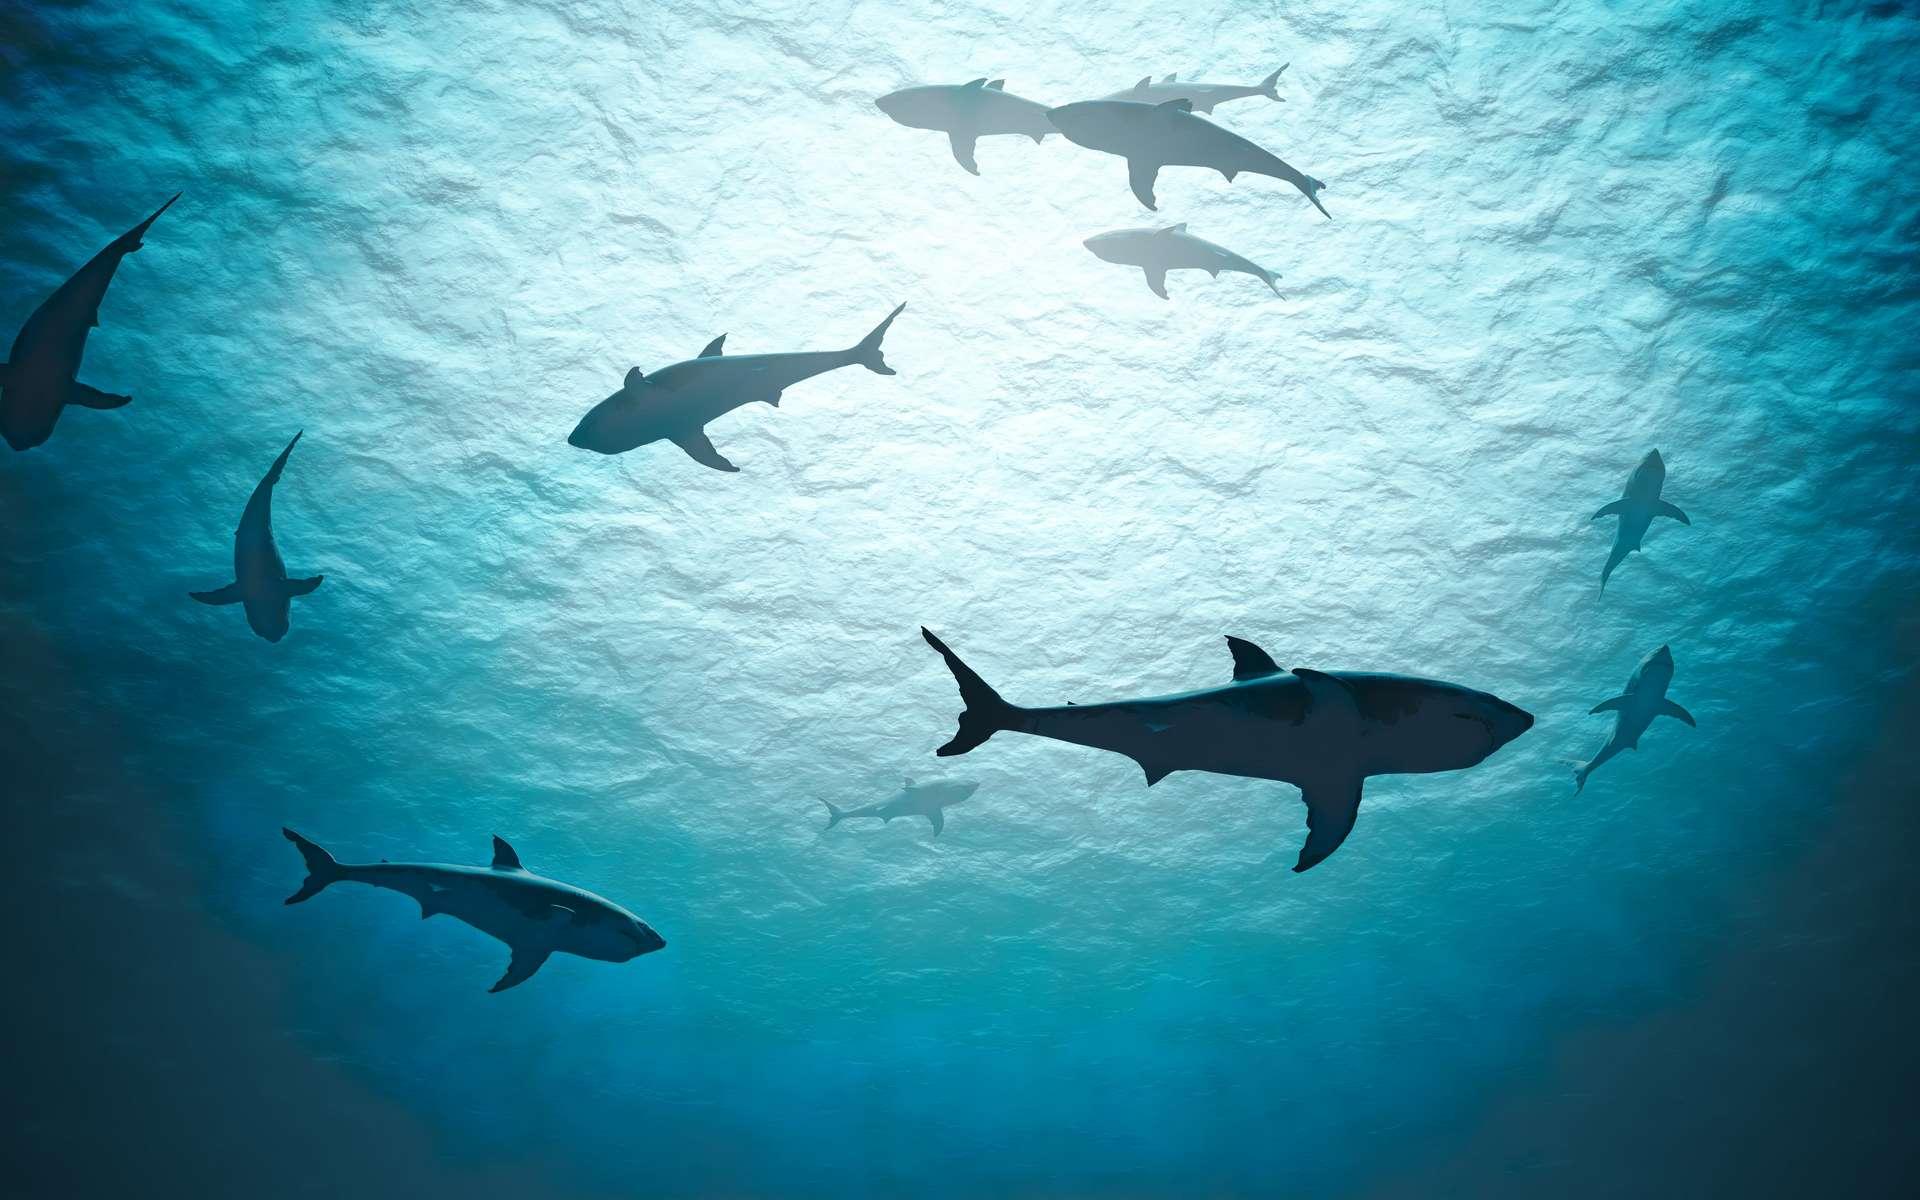 Les requins sont victimes d'une pêche intensive. L'Homme en tue plusieurs millions chaque année. © Vchalup, Adobe Stock